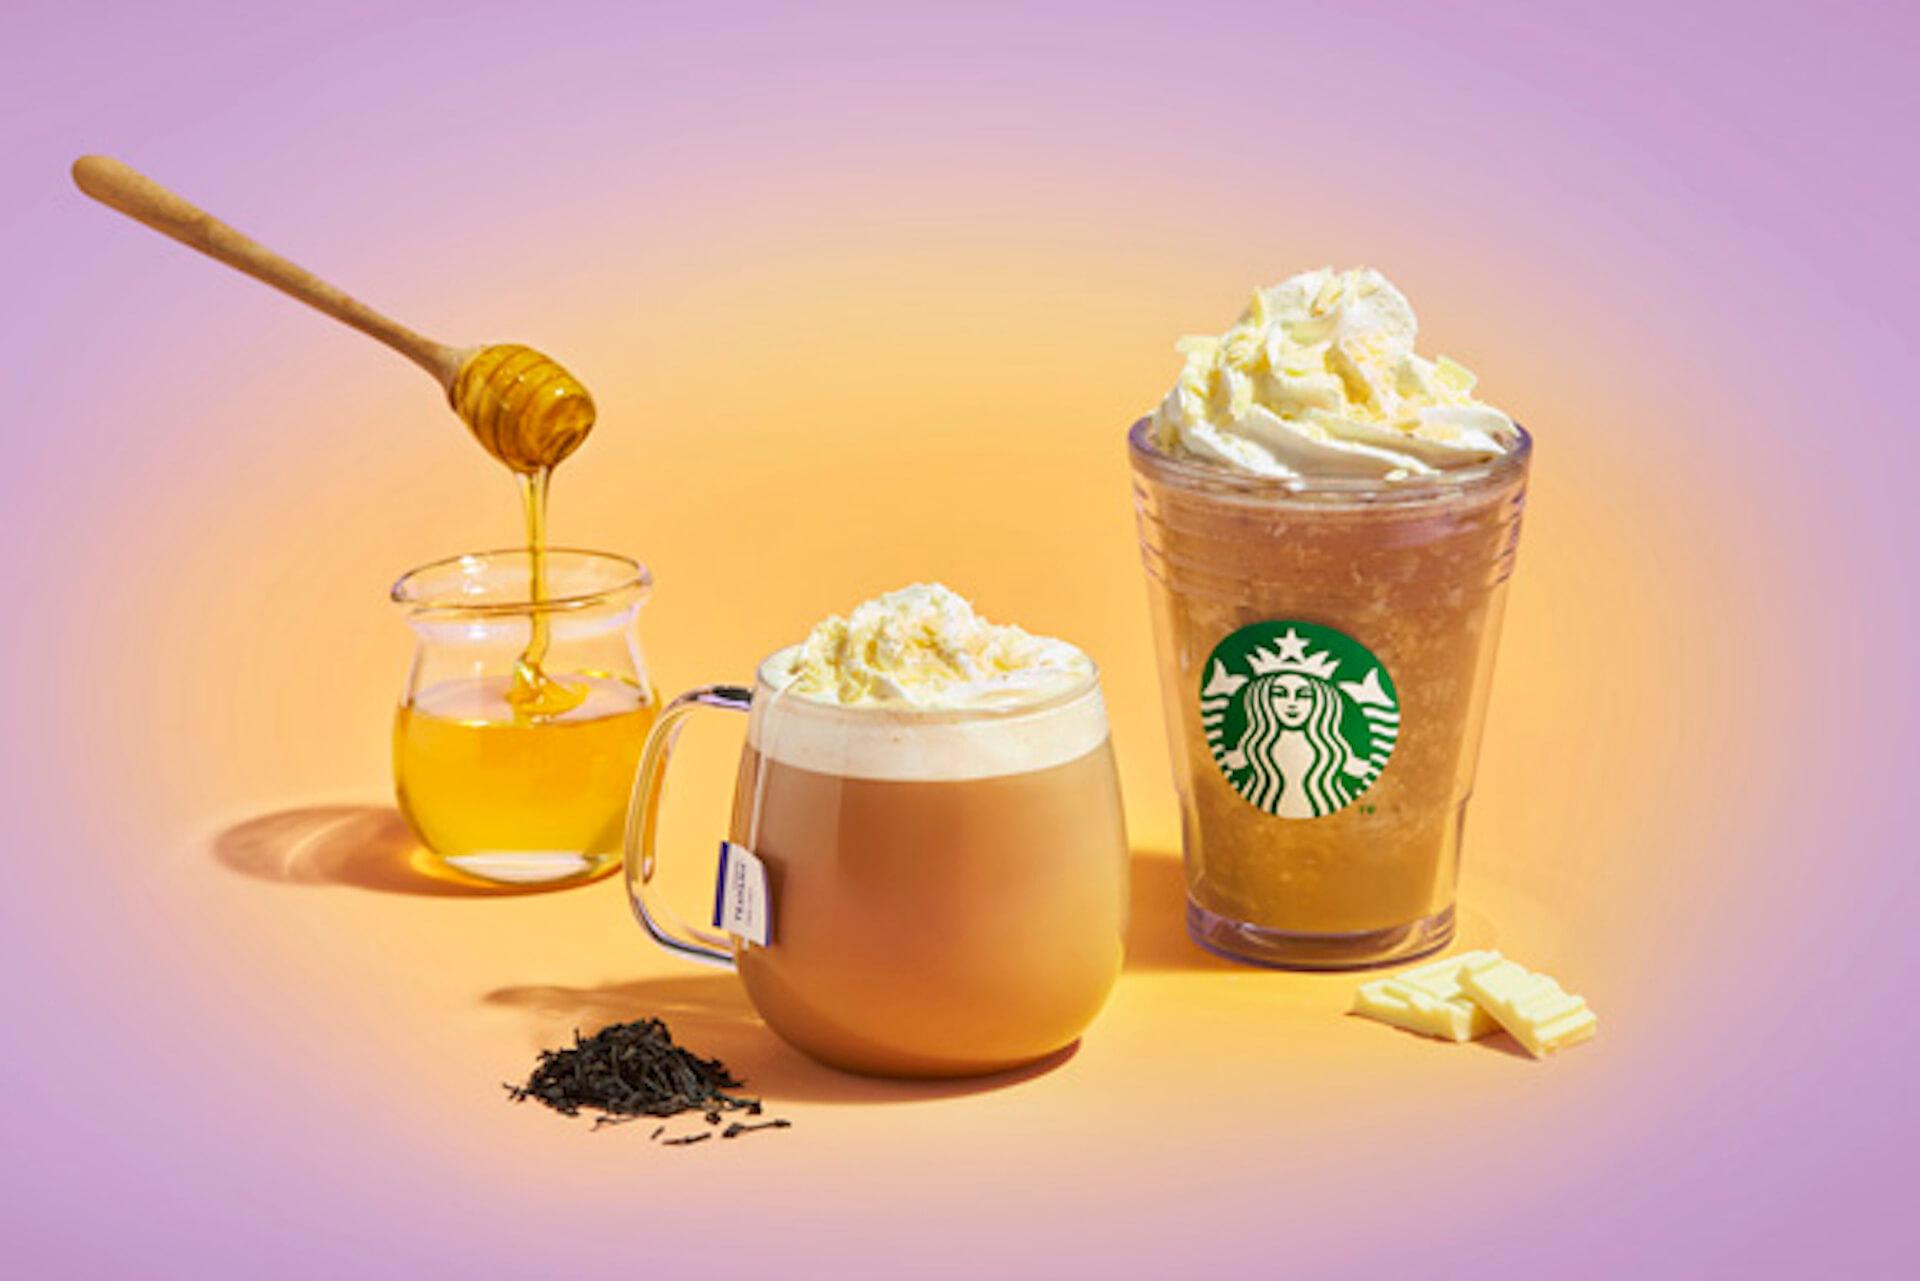 スターバックス コーヒーにアールグレイの新作フラペチーノが登場!「アール グレイ ハニー ホイップ フラペチーノ」ほか4商品が季節限定で発売 gourmet201218_starbucks_4